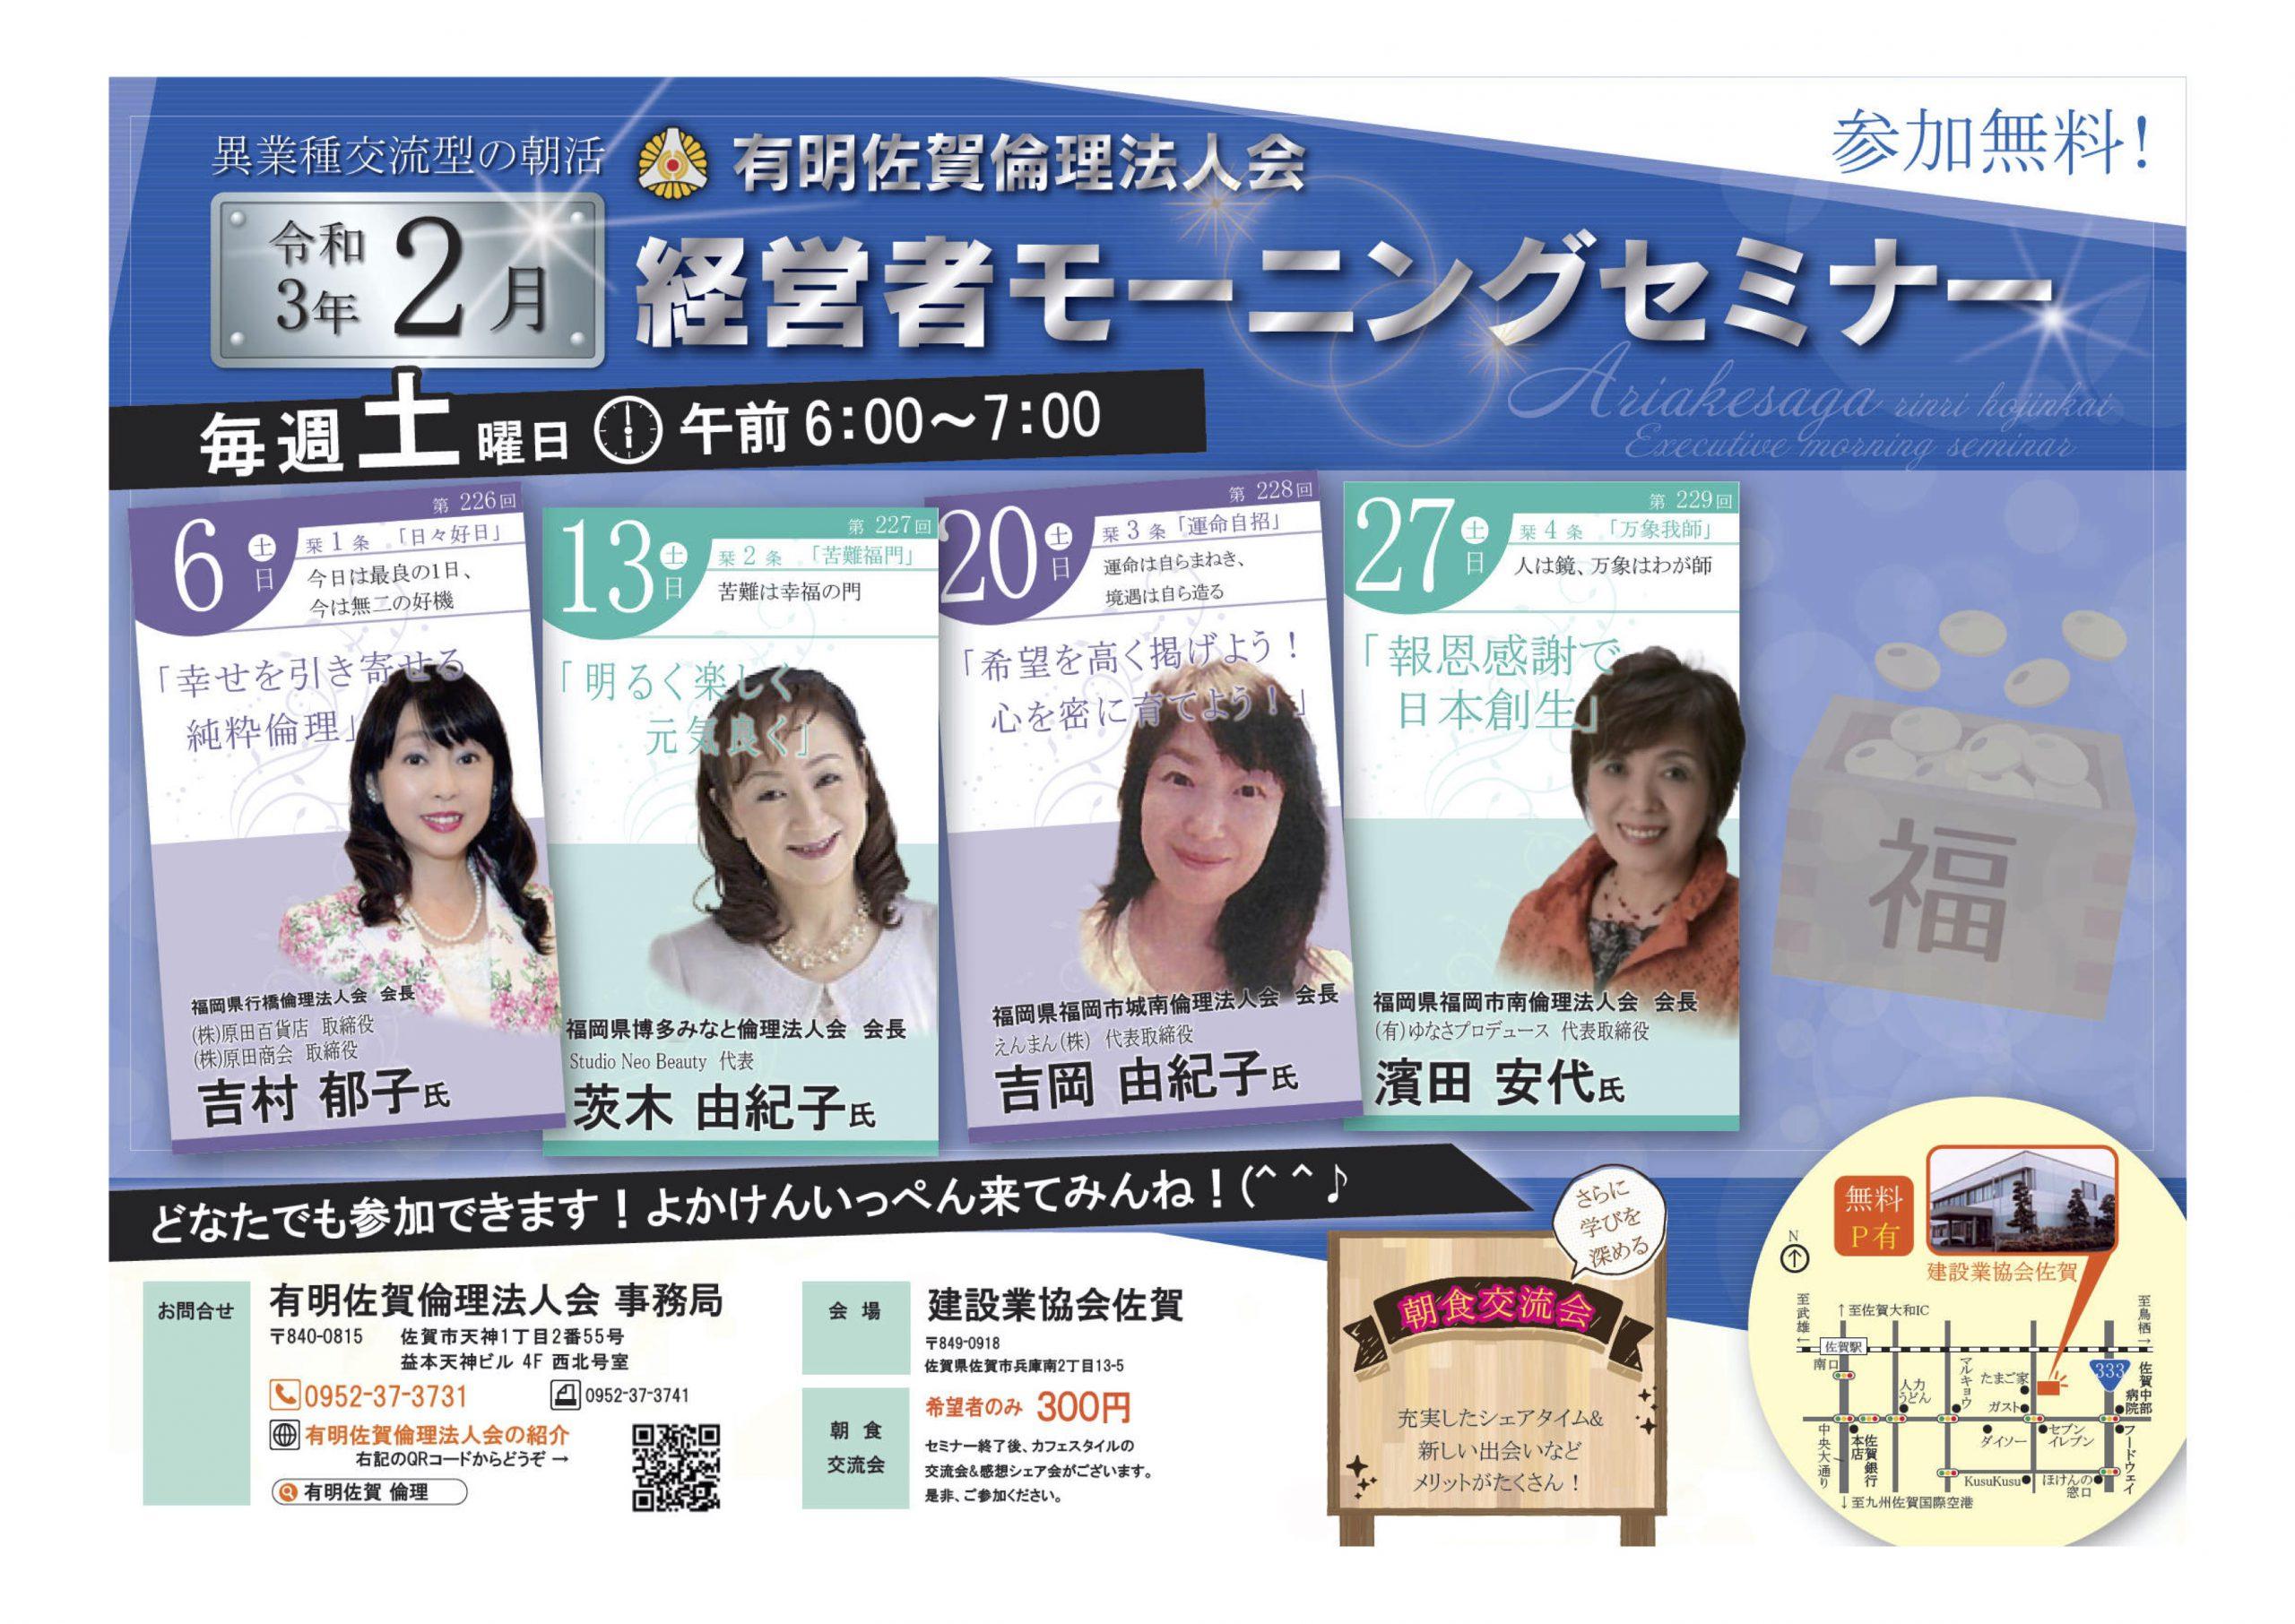 【有明佐賀倫理法人会】2021年2月経営者モーニングセミナー